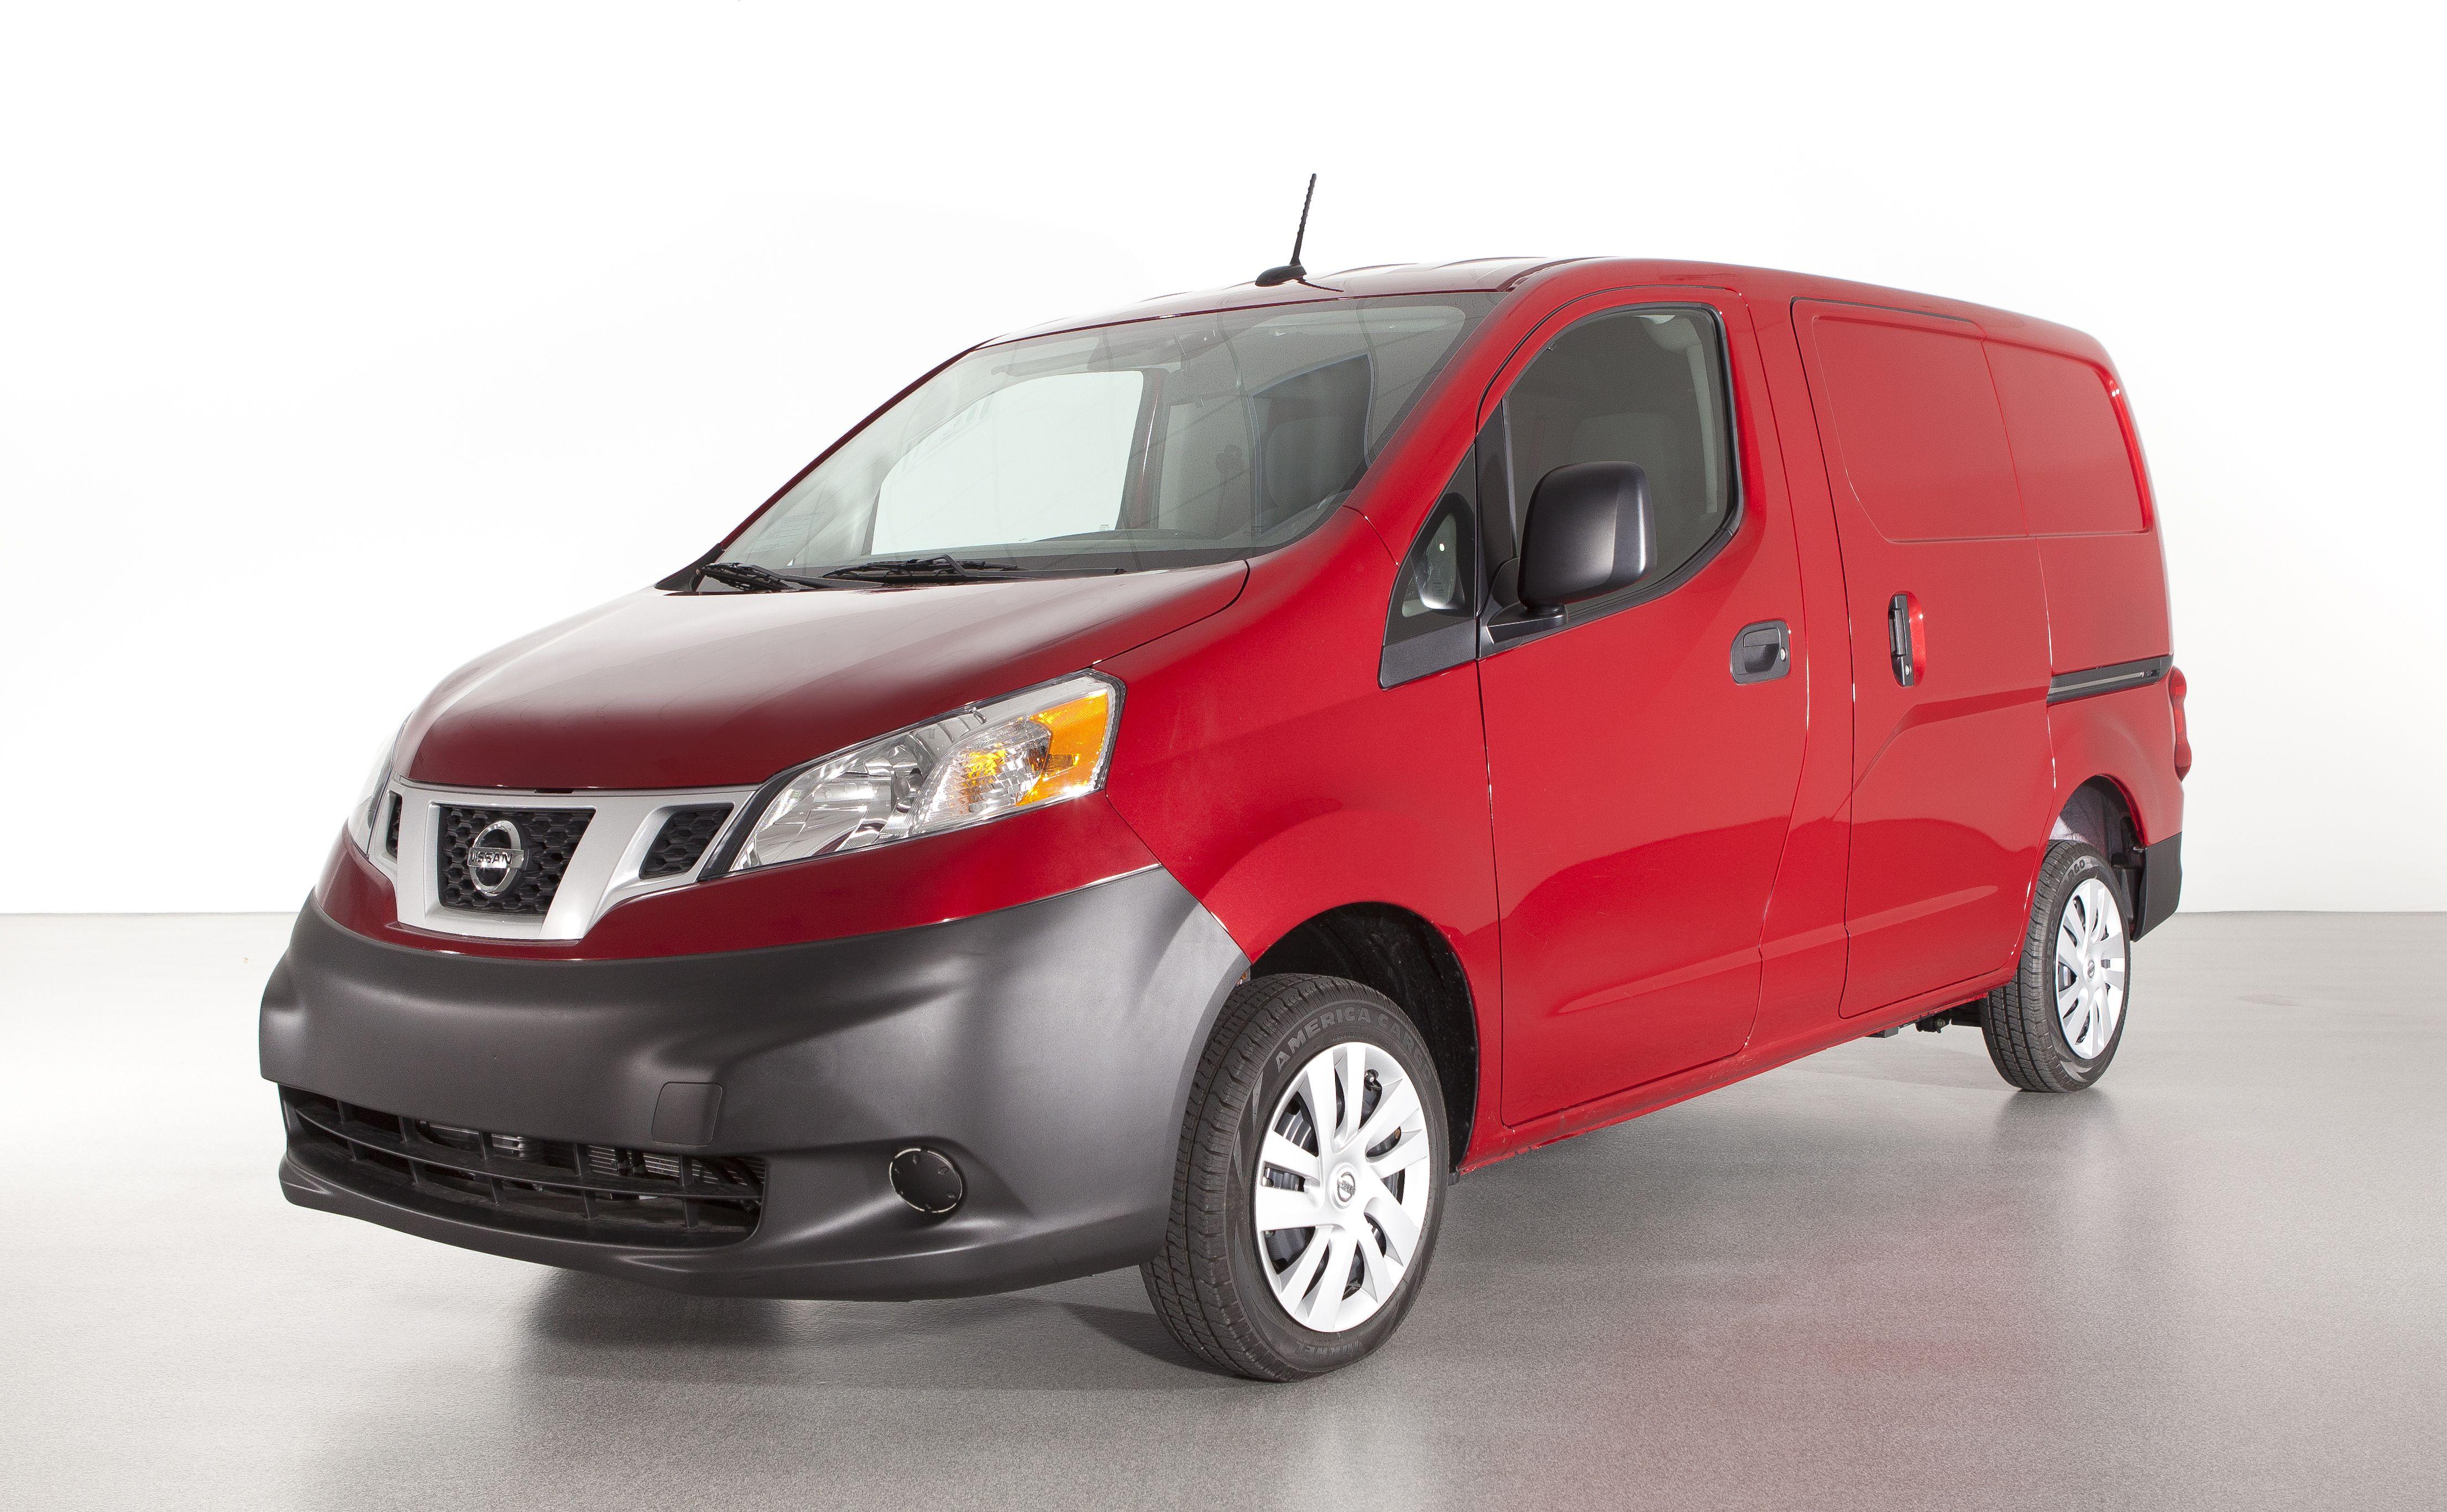 Nissan's 2013 NV200 Cargo Van